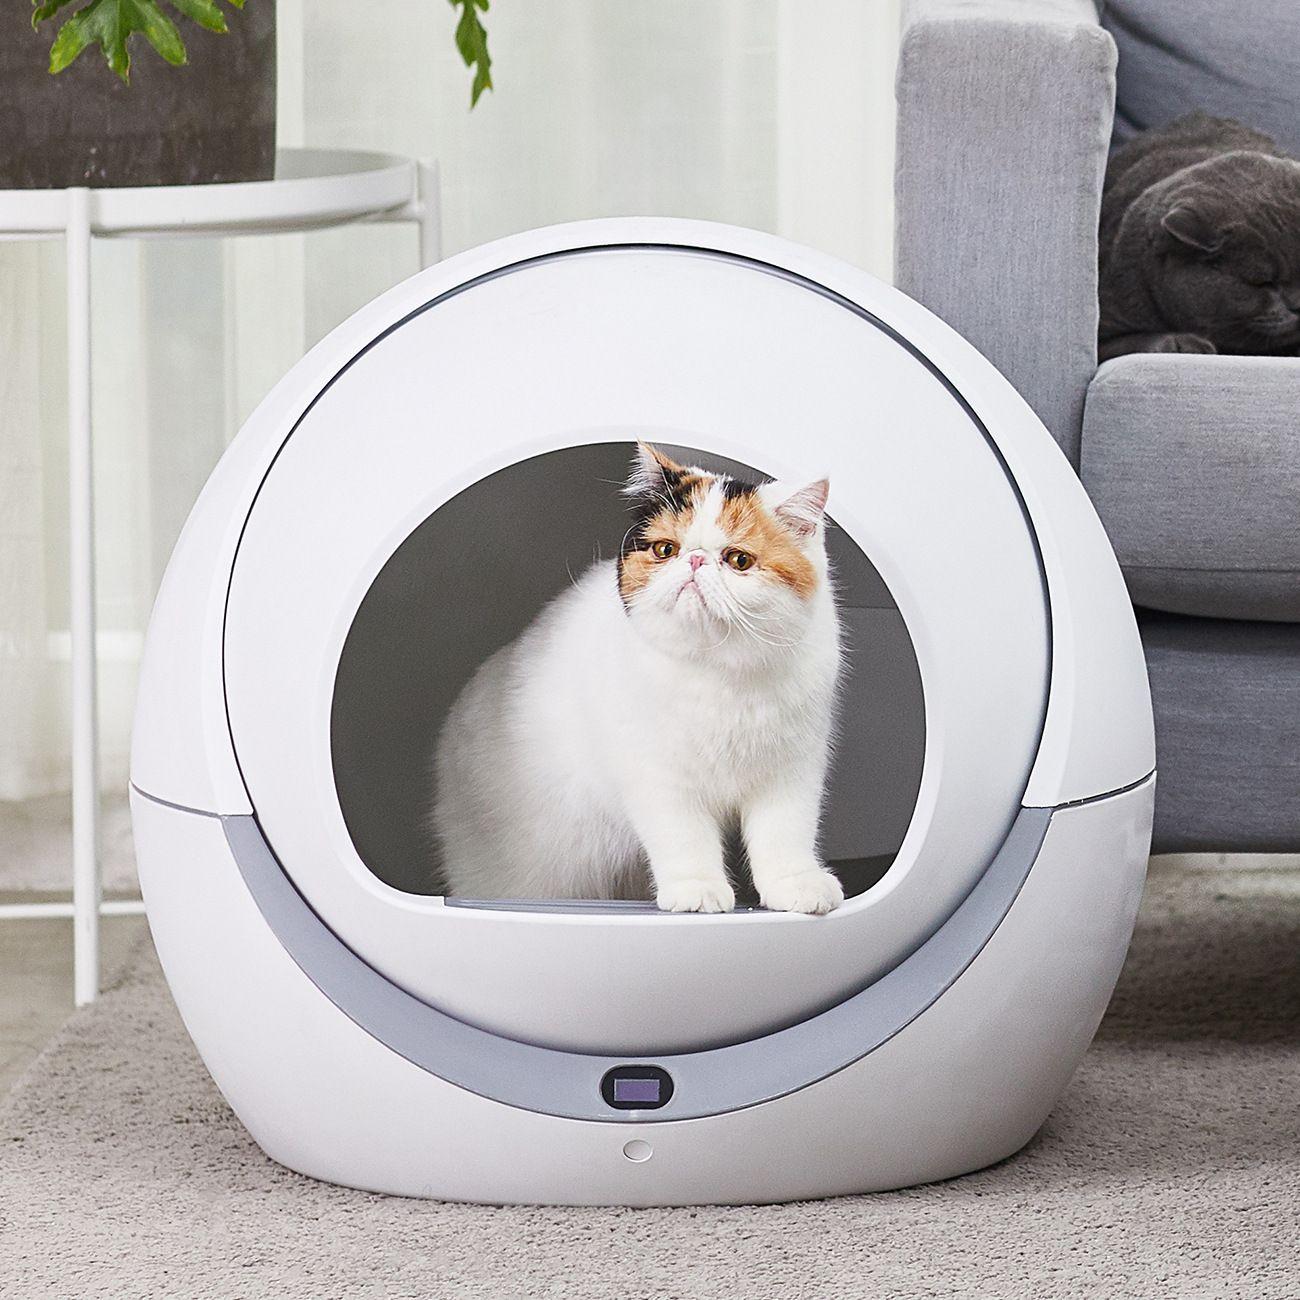 Automatische katze wc automatische katze sandkasten induktion rotary reinigung katze roboter wurf große kitty selbst reinigung wurf box